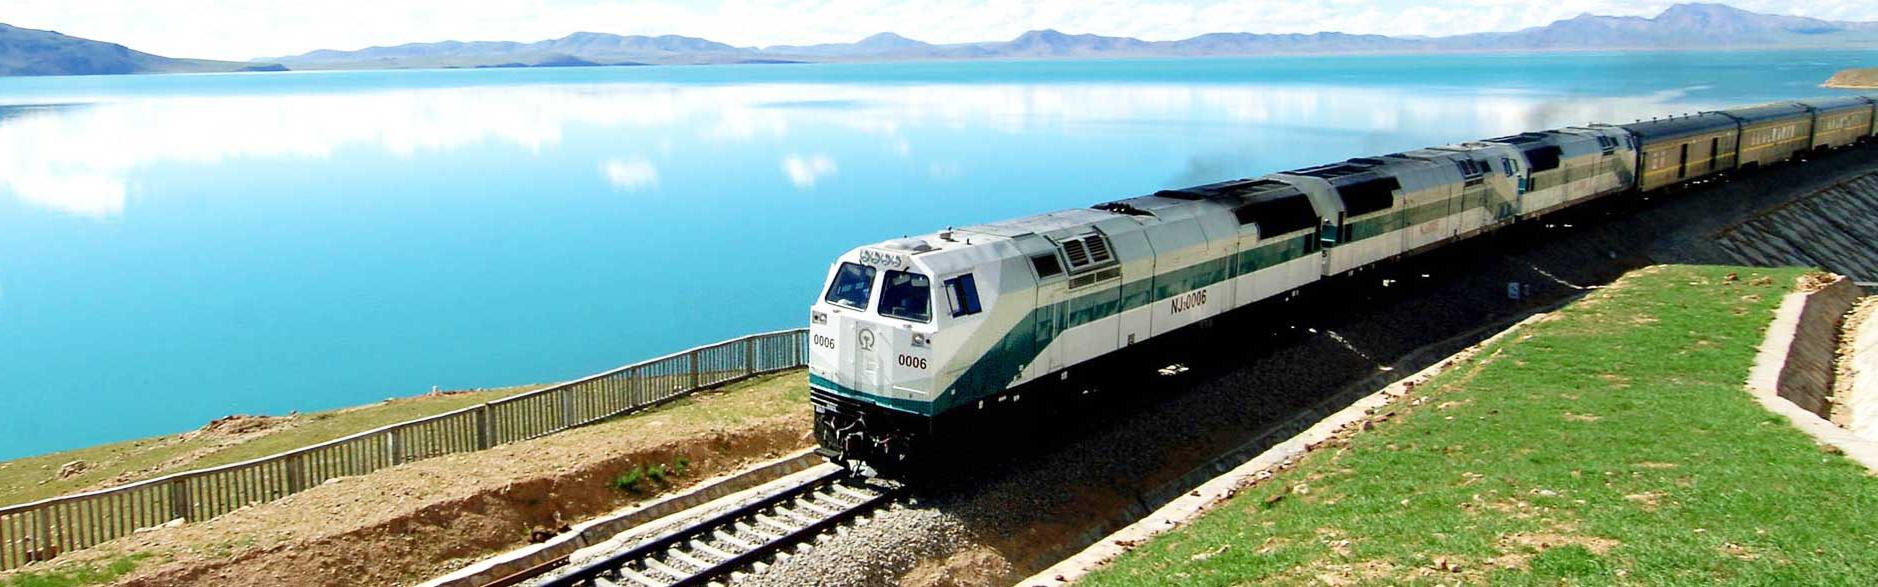 Sky train from China to Tibet via Qinghai Tibet Railway